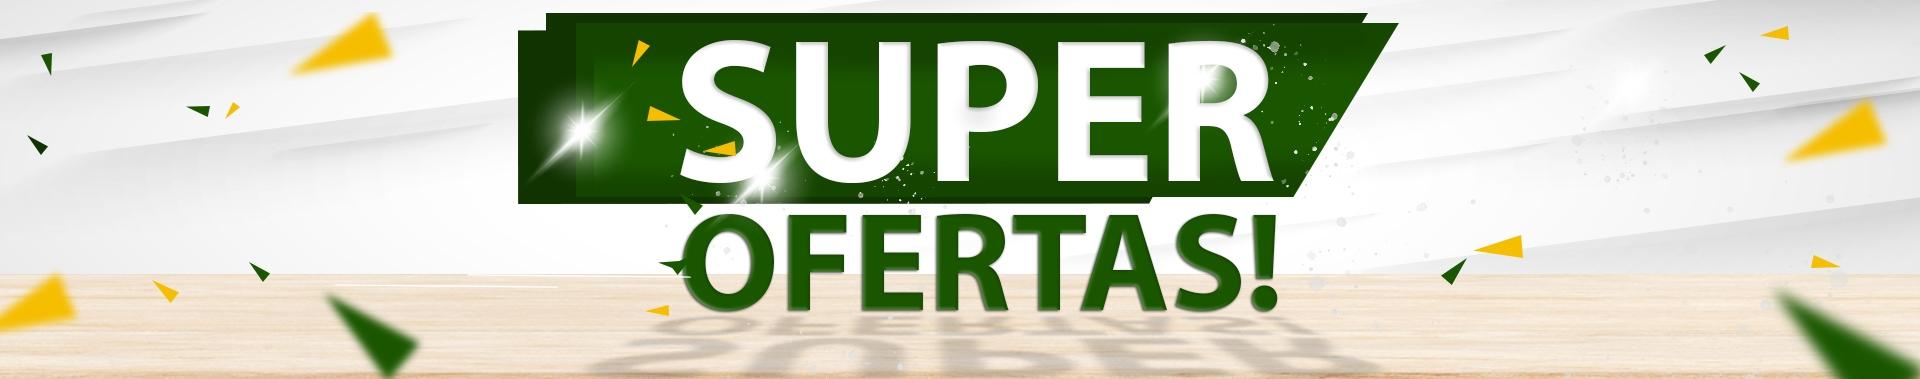 SUPER_OFERTAS-NOVO